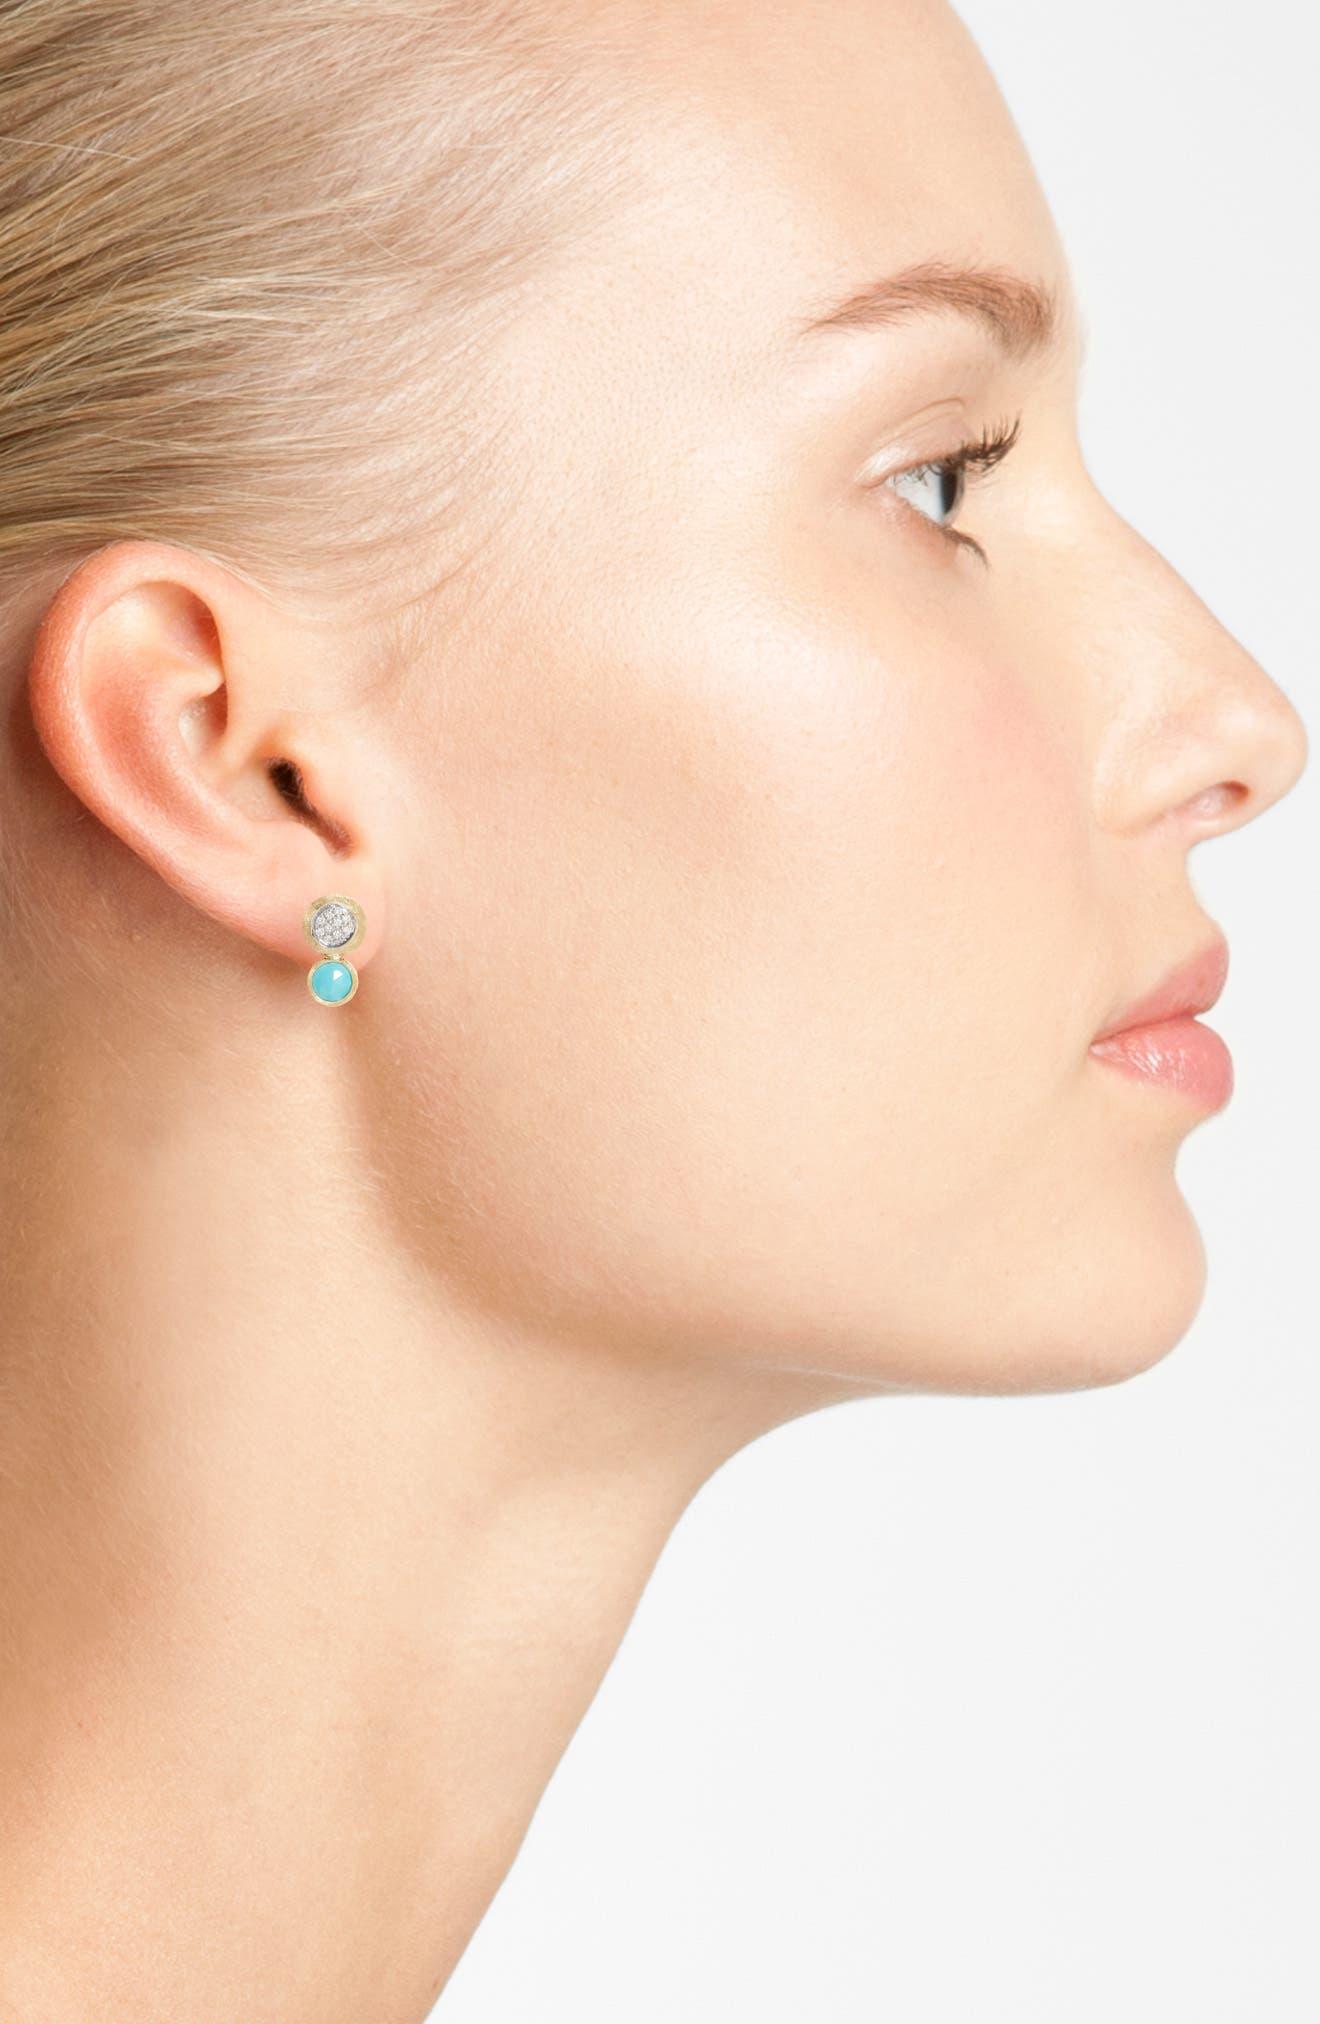 Jaipur Diamond & Turquoise Stud Earrings,                             Alternate thumbnail 2, color,                             710